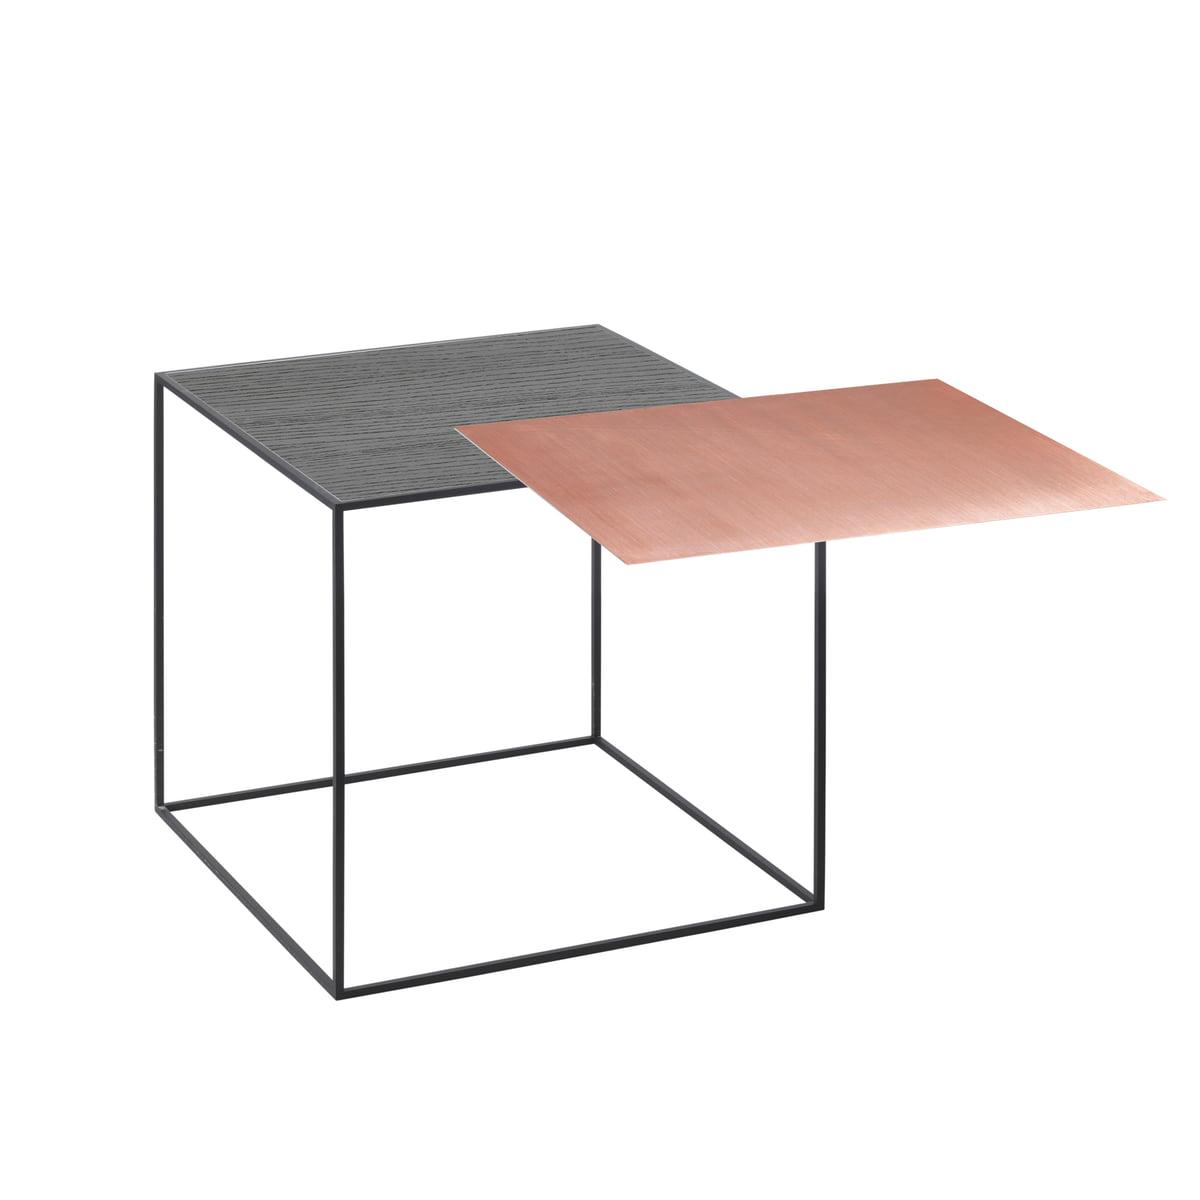 by Lassen - Twin 35 Beistelltisch, schwarzer Rahmen, Esche schwarz gebeizt / Kupfer | Wohnzimmer > Tische > Beistelltische | Schwarz | by Lassen